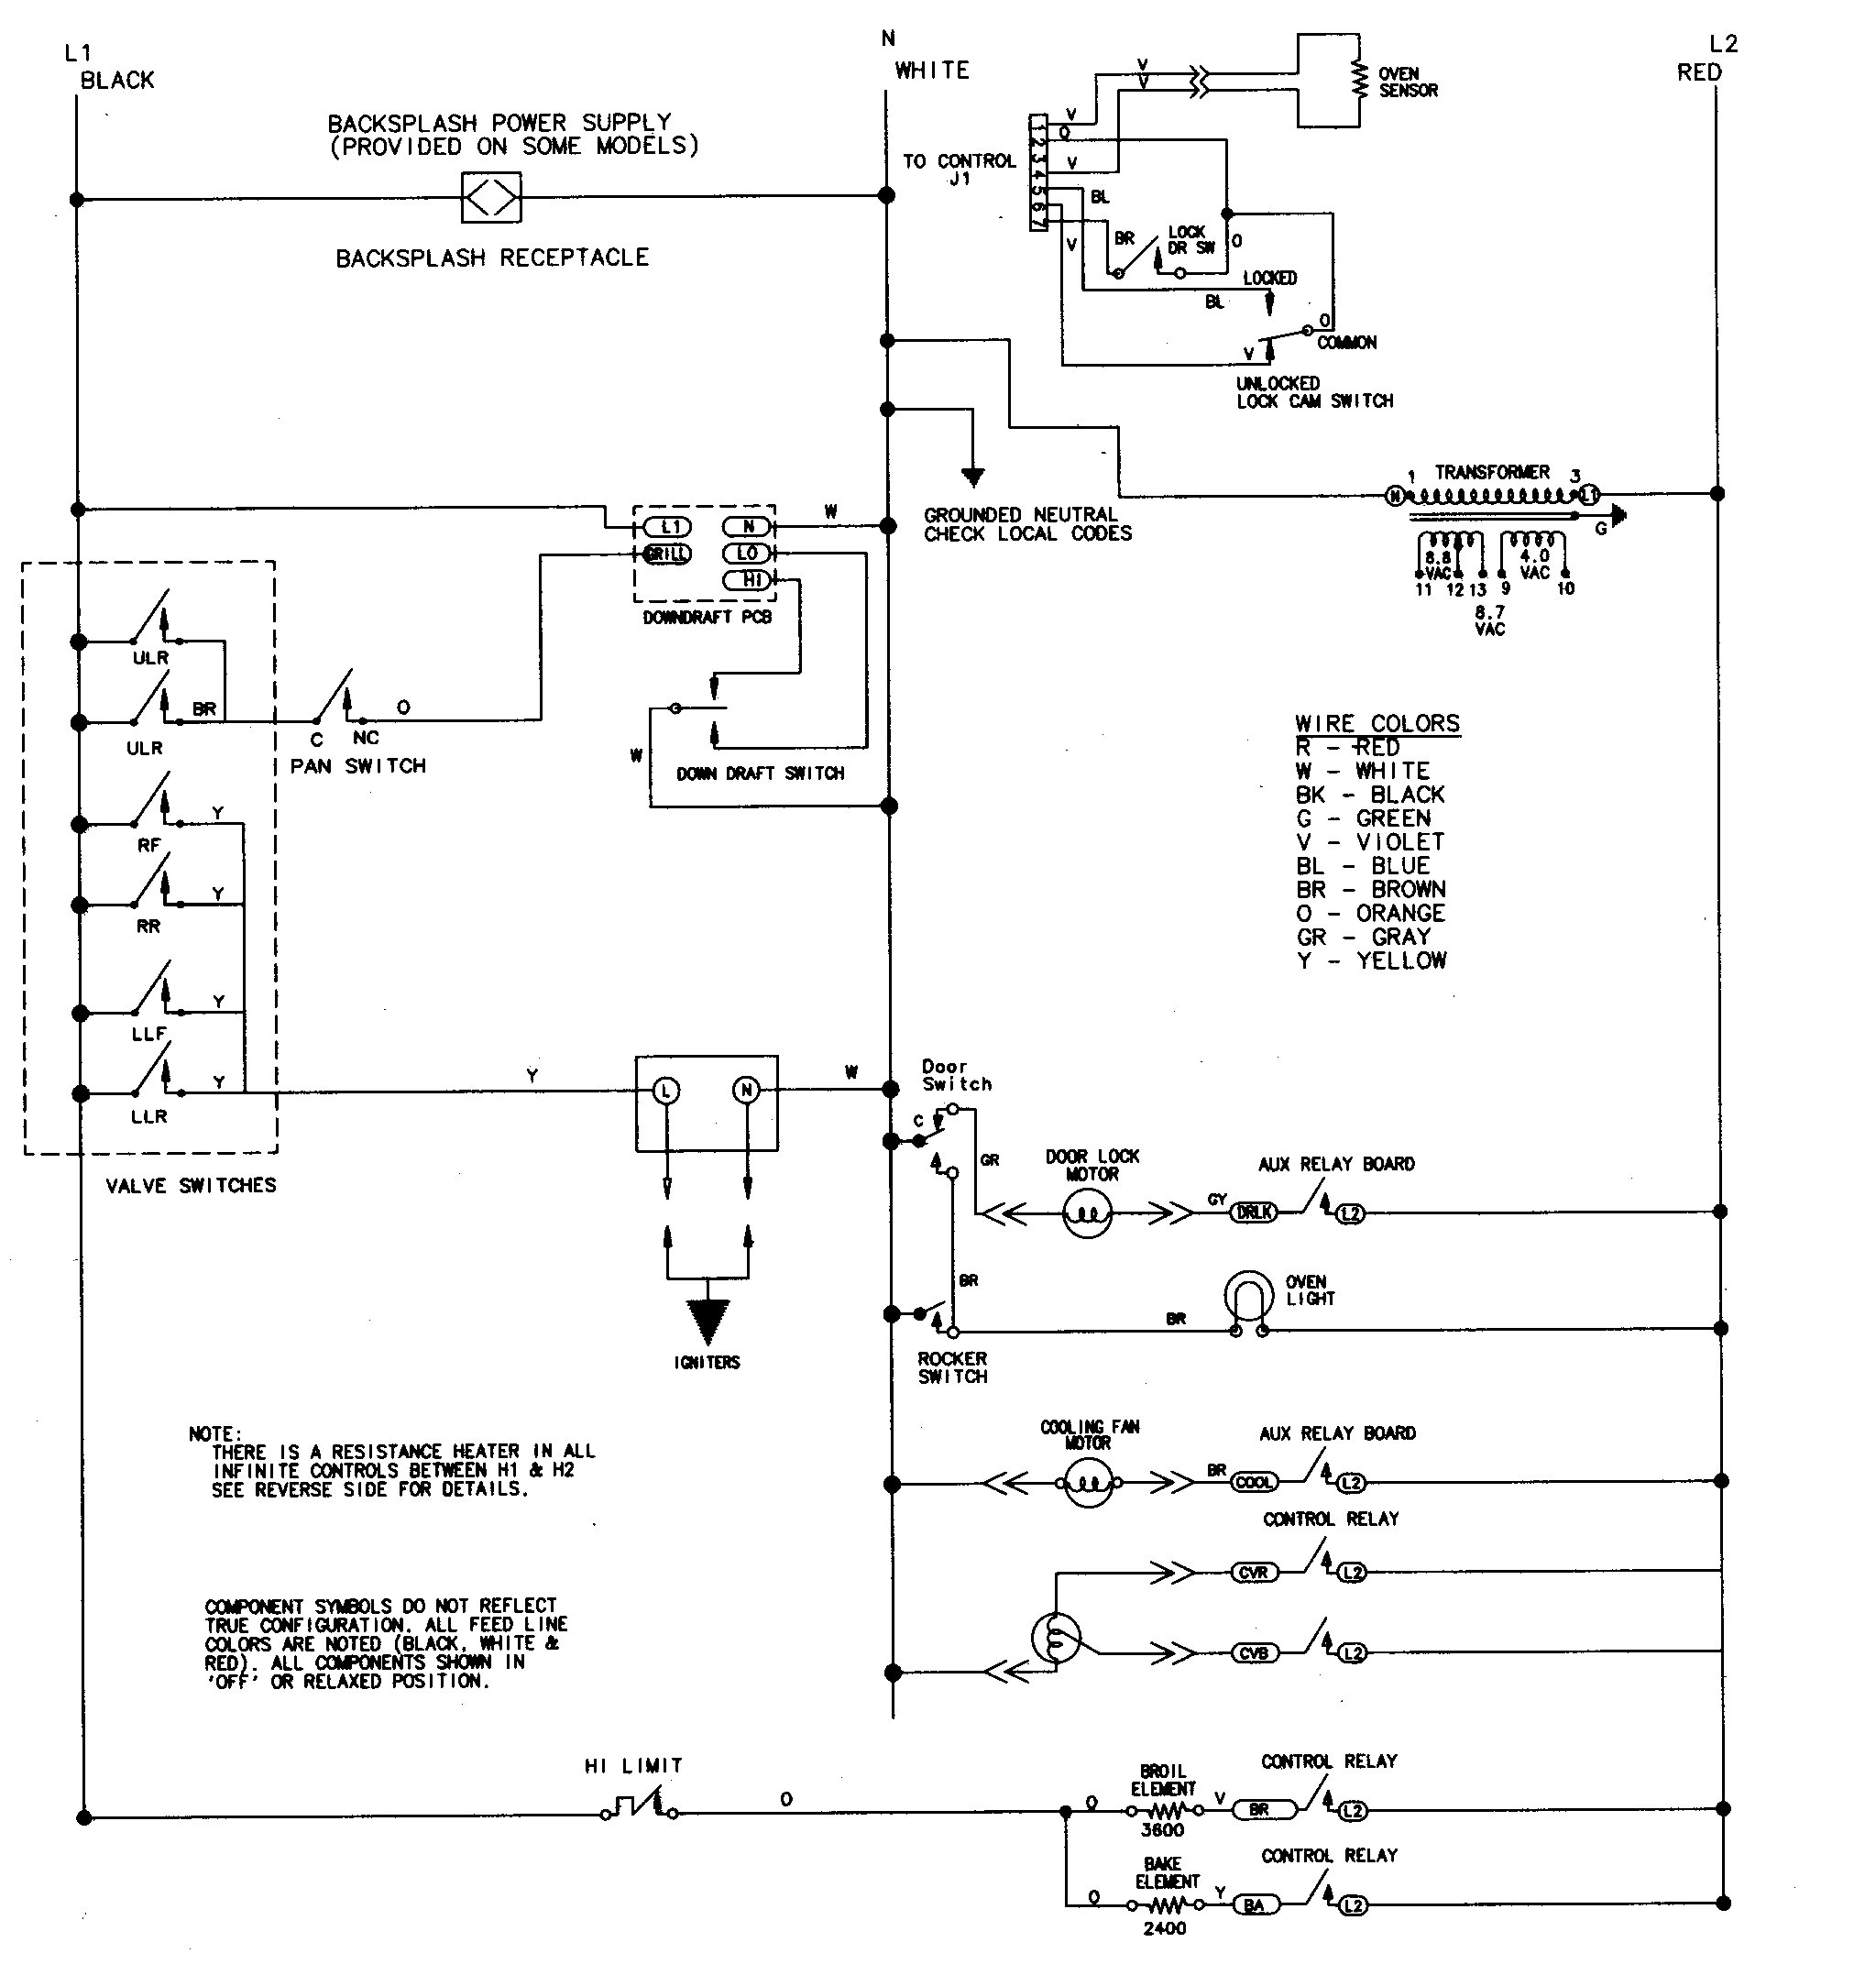 Basic Wiring Diagrams Elegant Famous Basic Oven Wiring Diagram Electrical Circuit